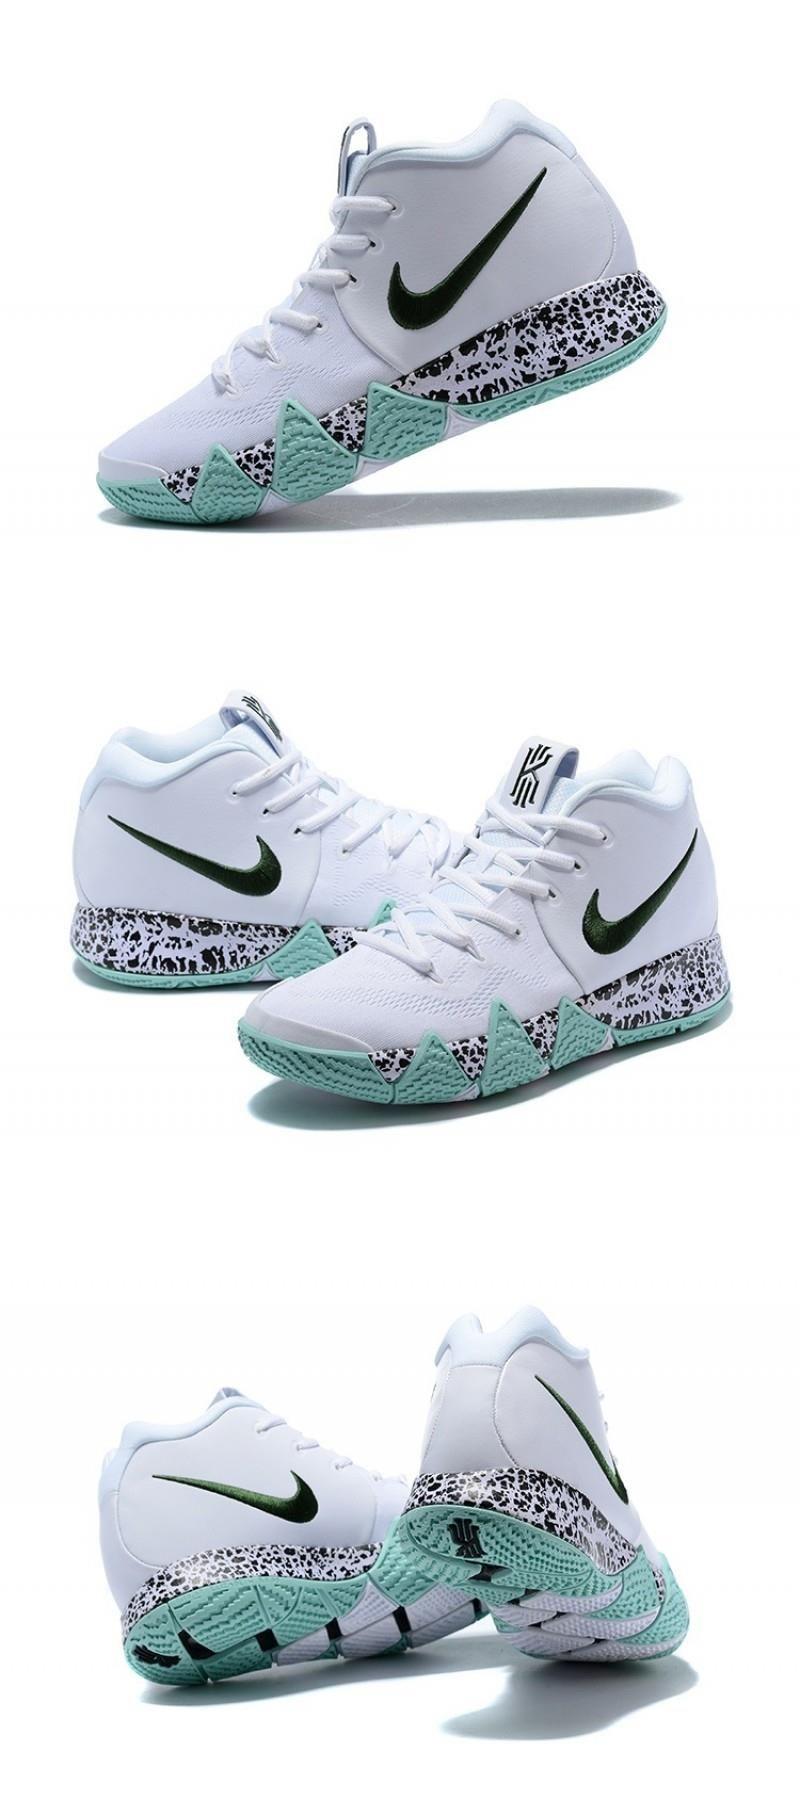 Kyrie Irving Nike Kyrie 4